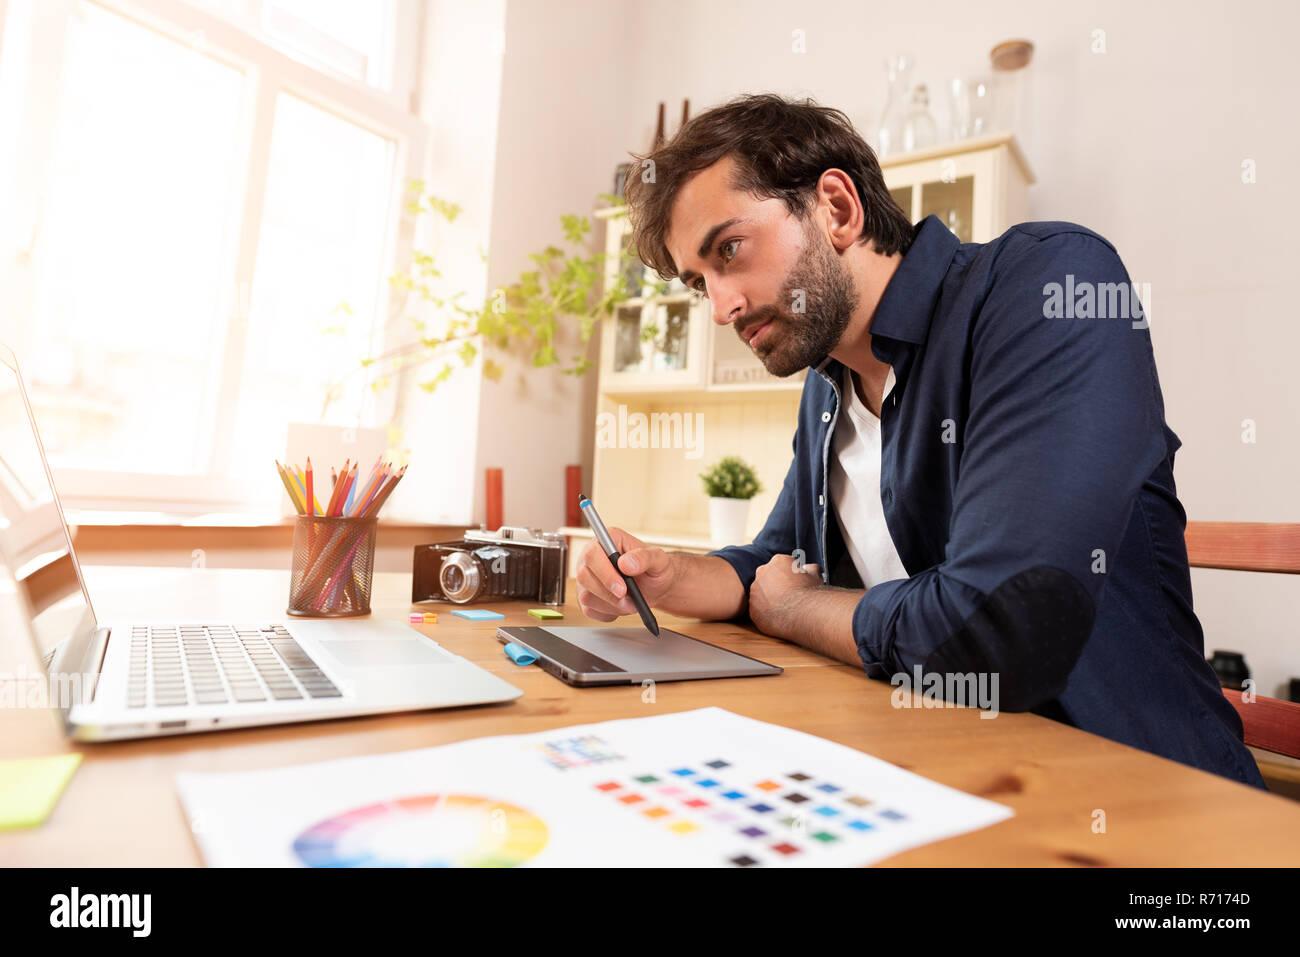 Graphic Designer Working On Digital Tablet Freelancer Working At